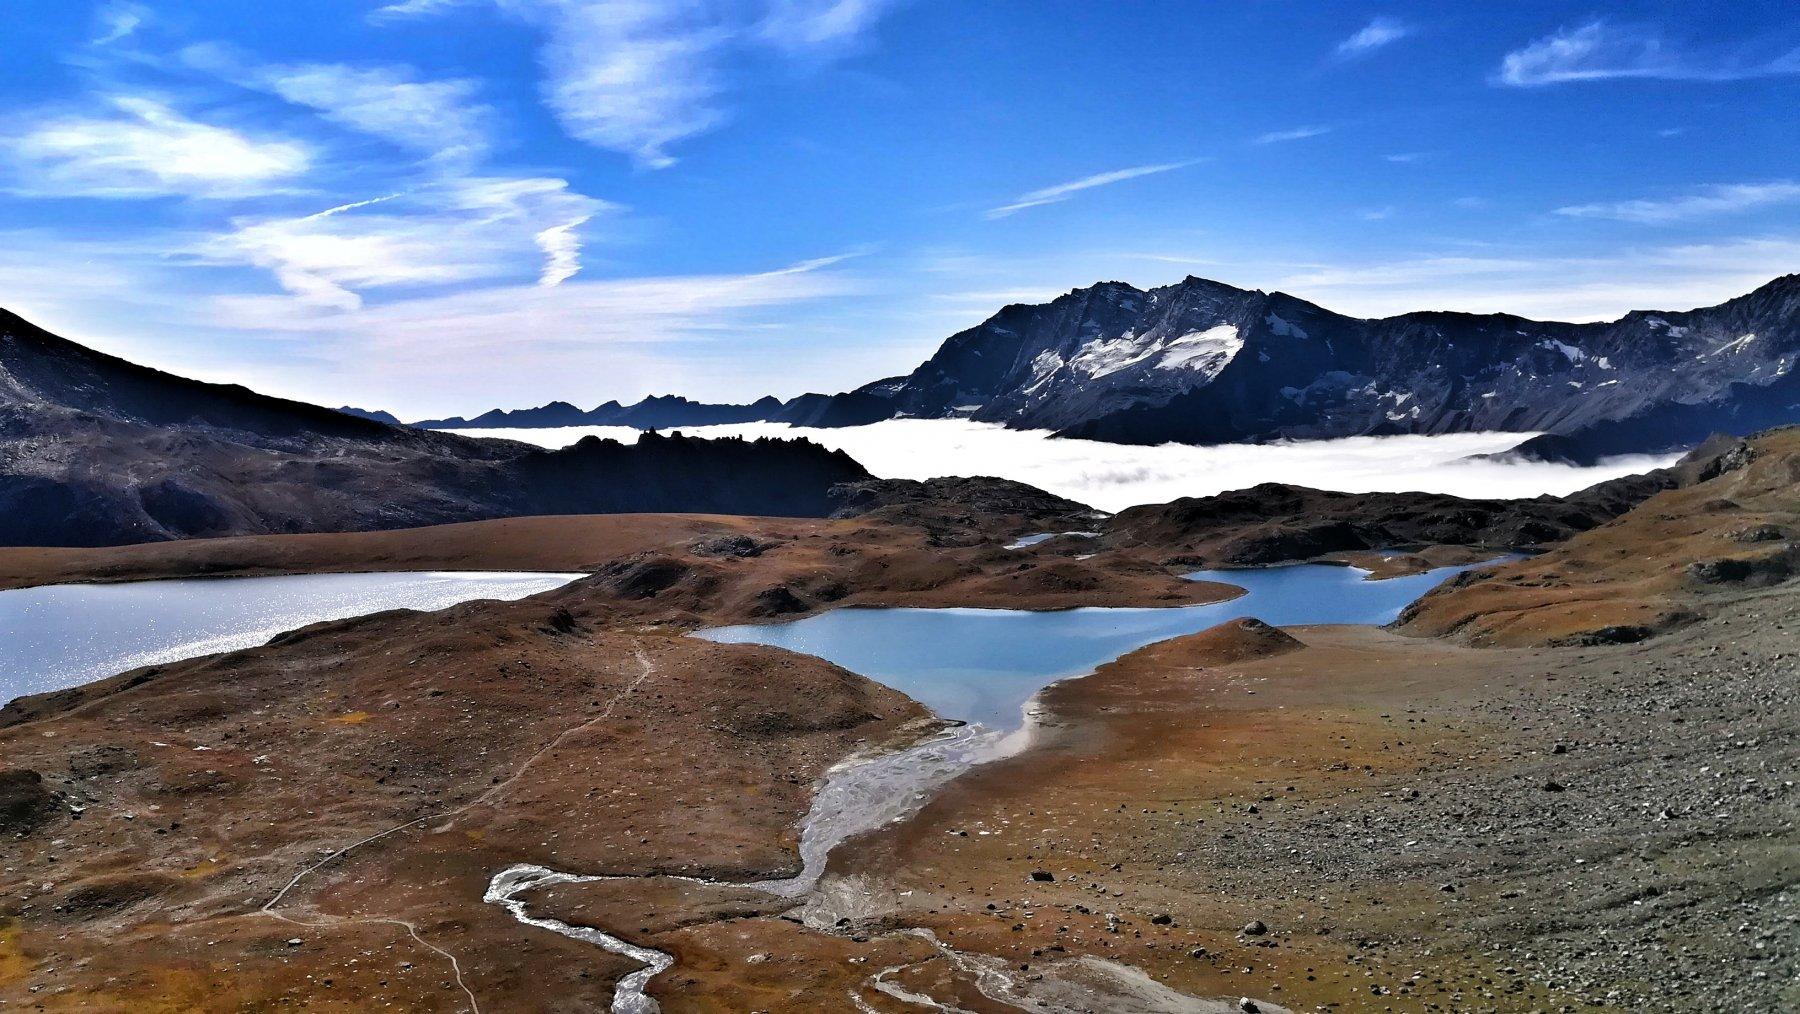 Vista sul bel sentiero che attraversa i laghi Rosset e Leytà